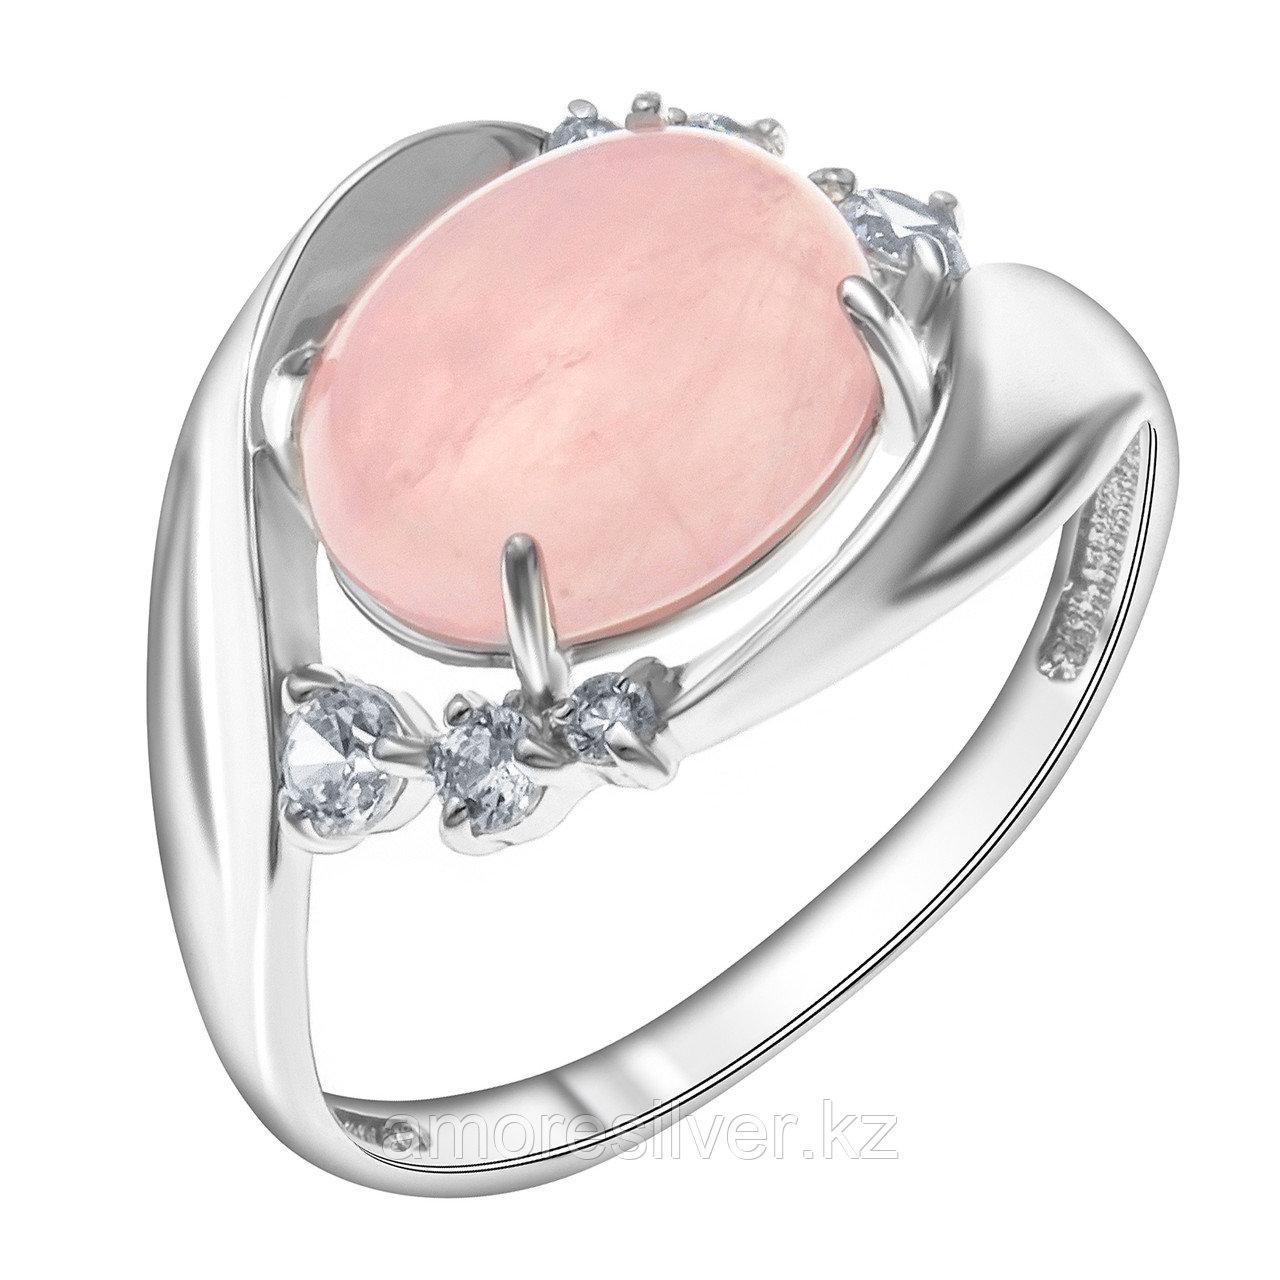 Кольцо  серебро с родием, кварц розовый фианит синт., , овал 1000-0418-RQ размеры - 17,5